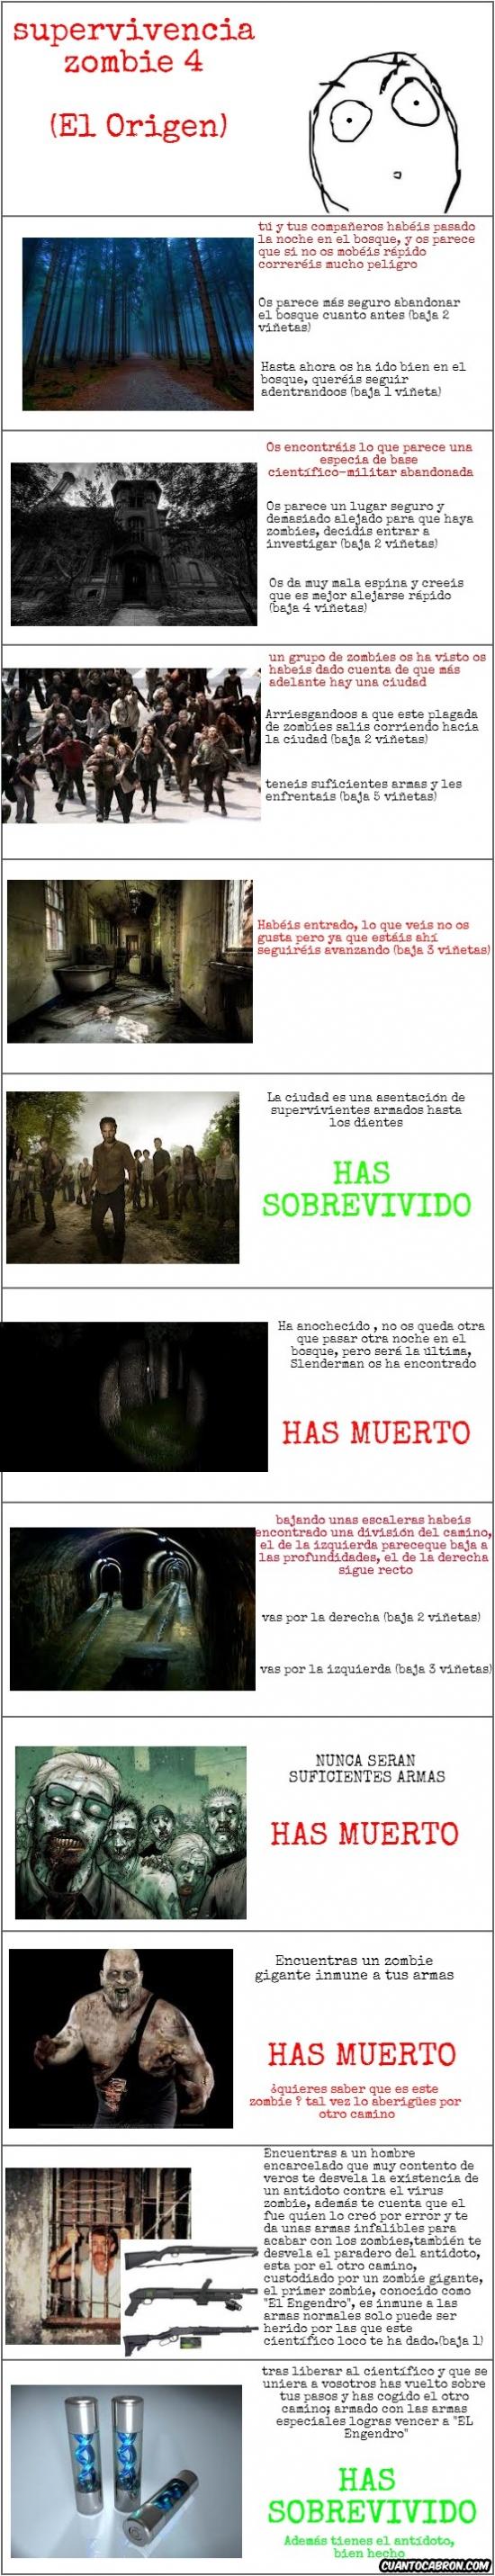 antidoto,armas,azul,científico,comic interactivo,el engendro,poblado,zombie